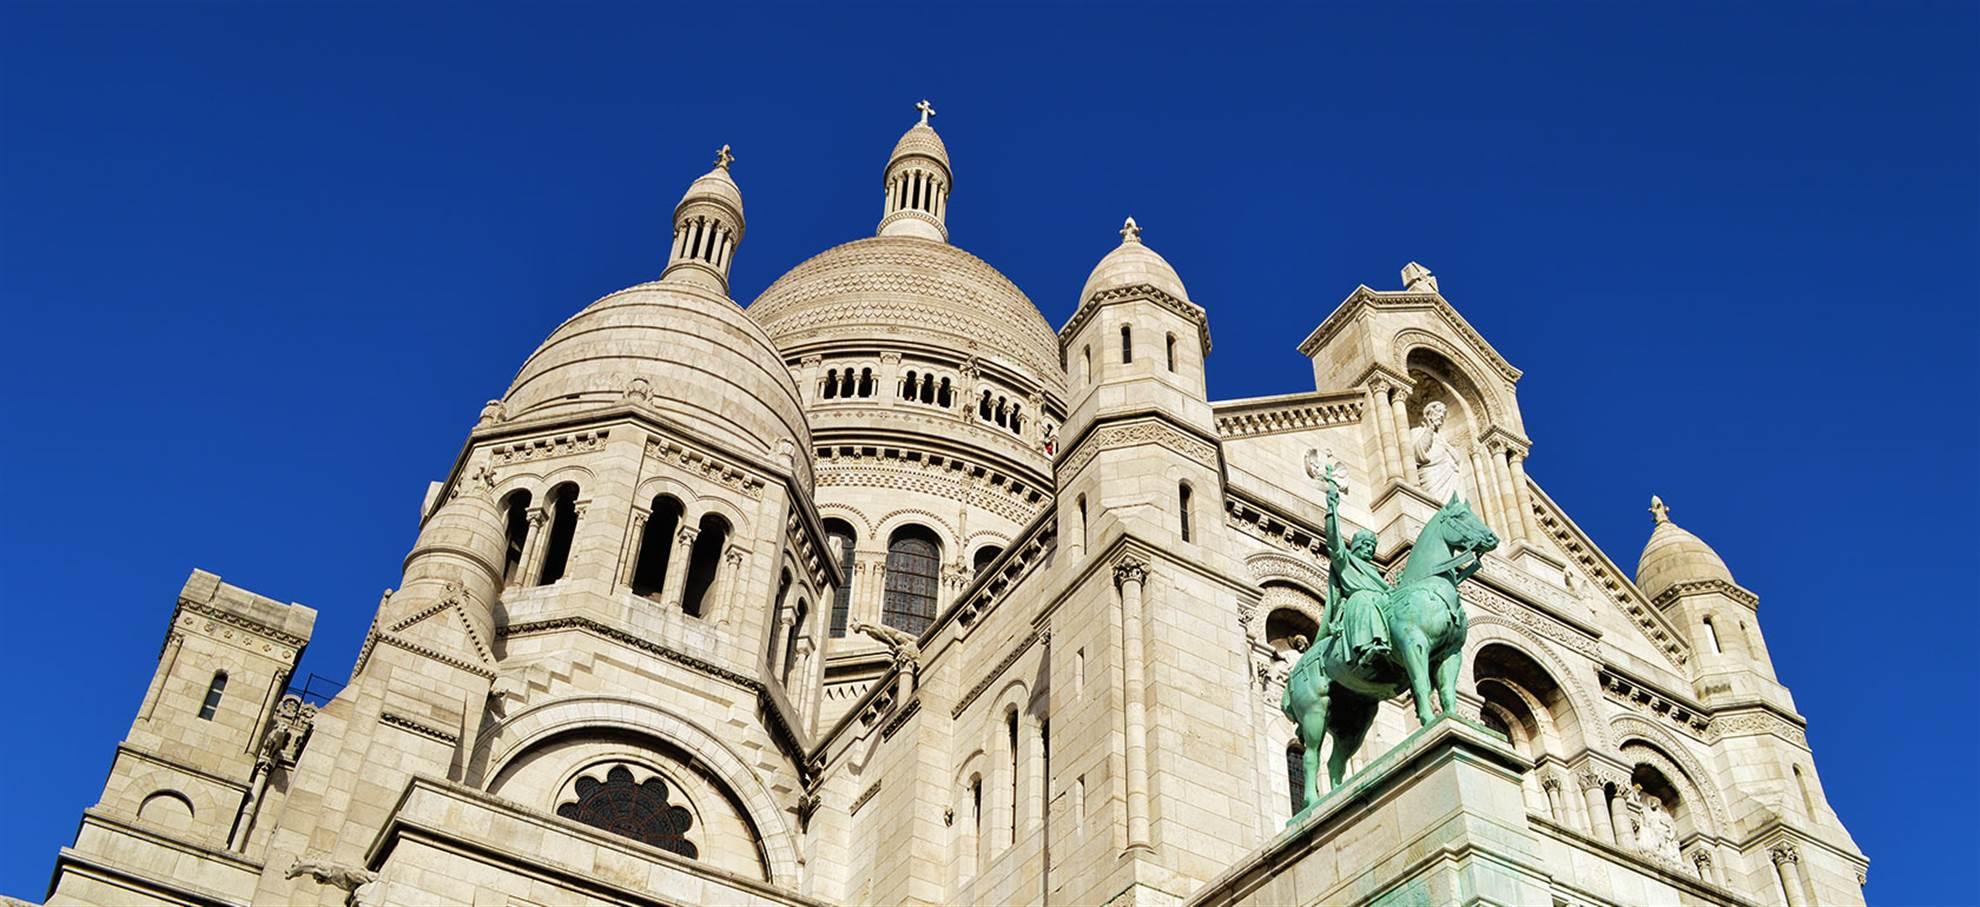 Rondleiding van Montmartre